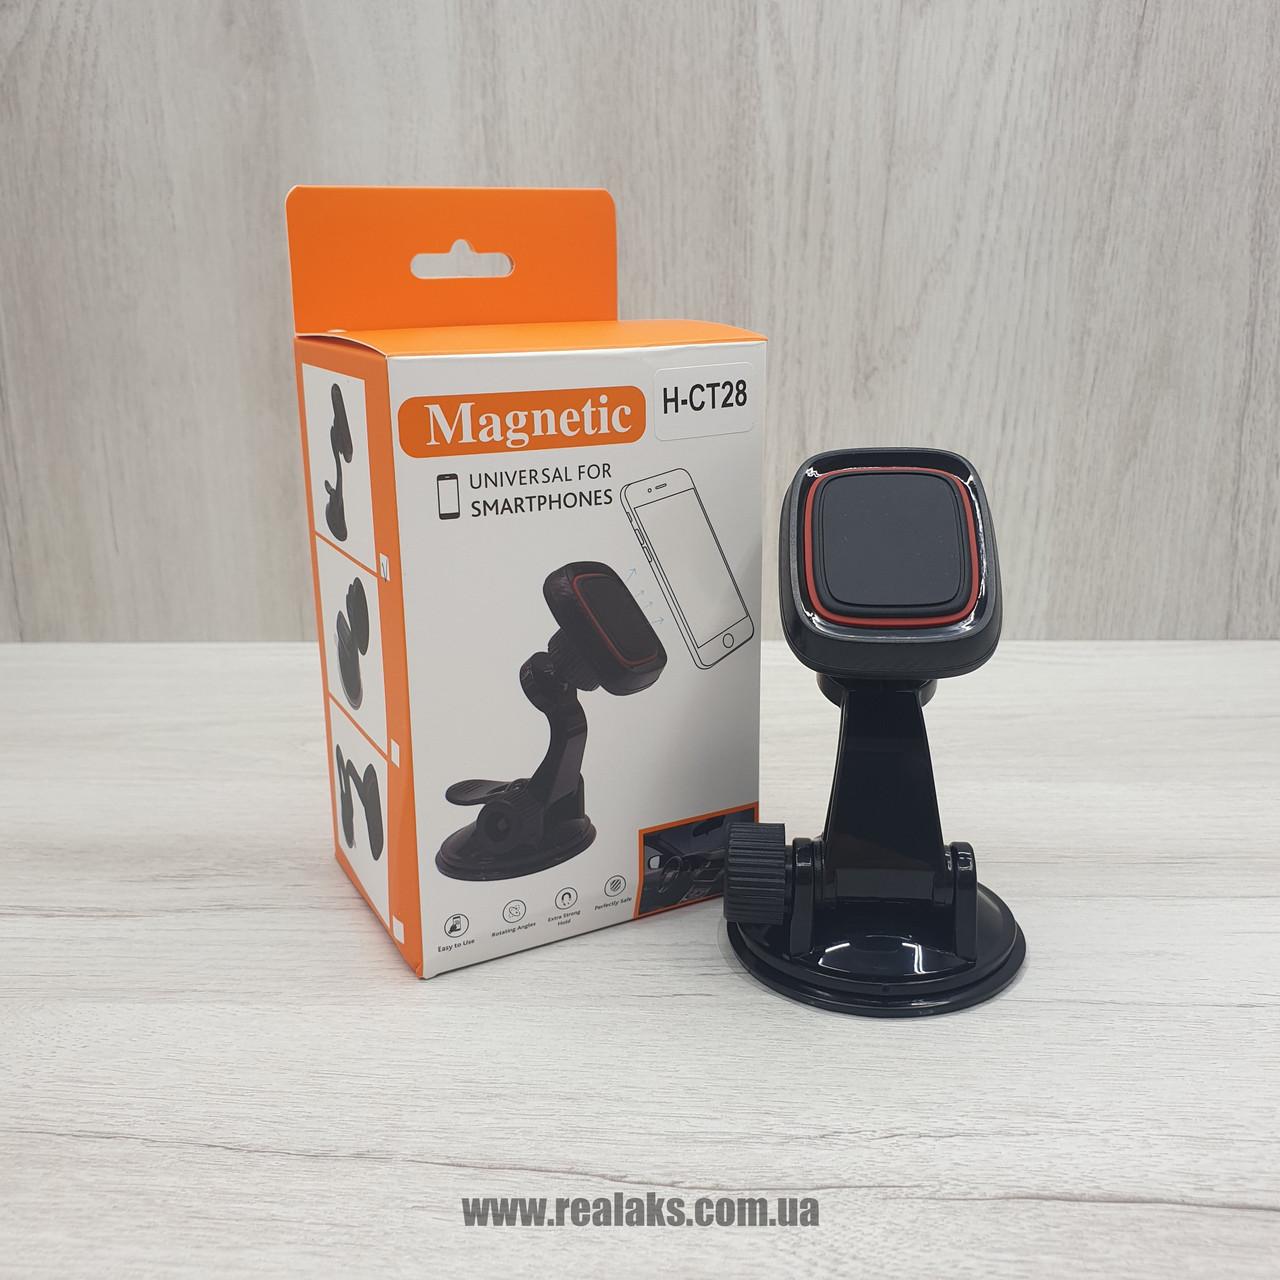 Магнитный автомобильный держатель для телефона Magnetic H-CT28 (Black)